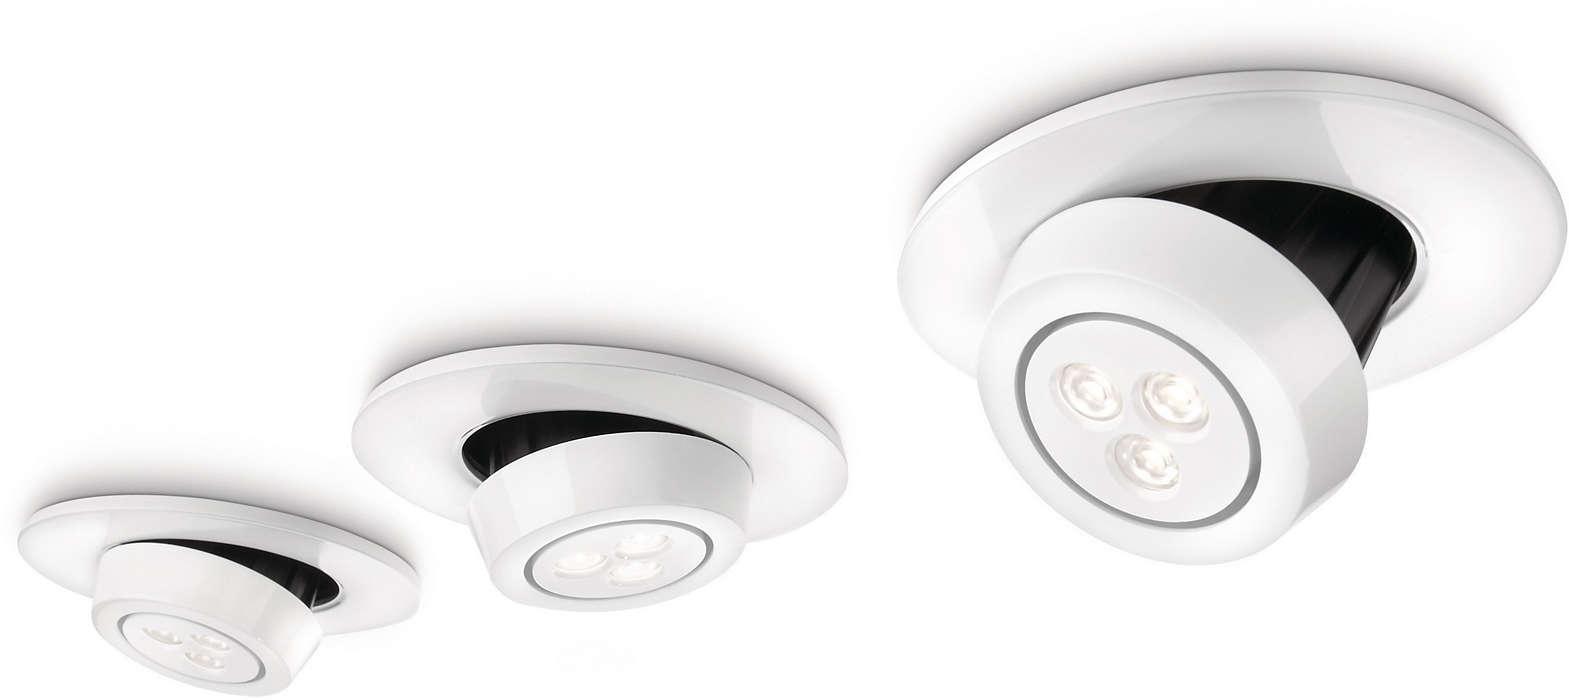 燈光和設計的明智組合